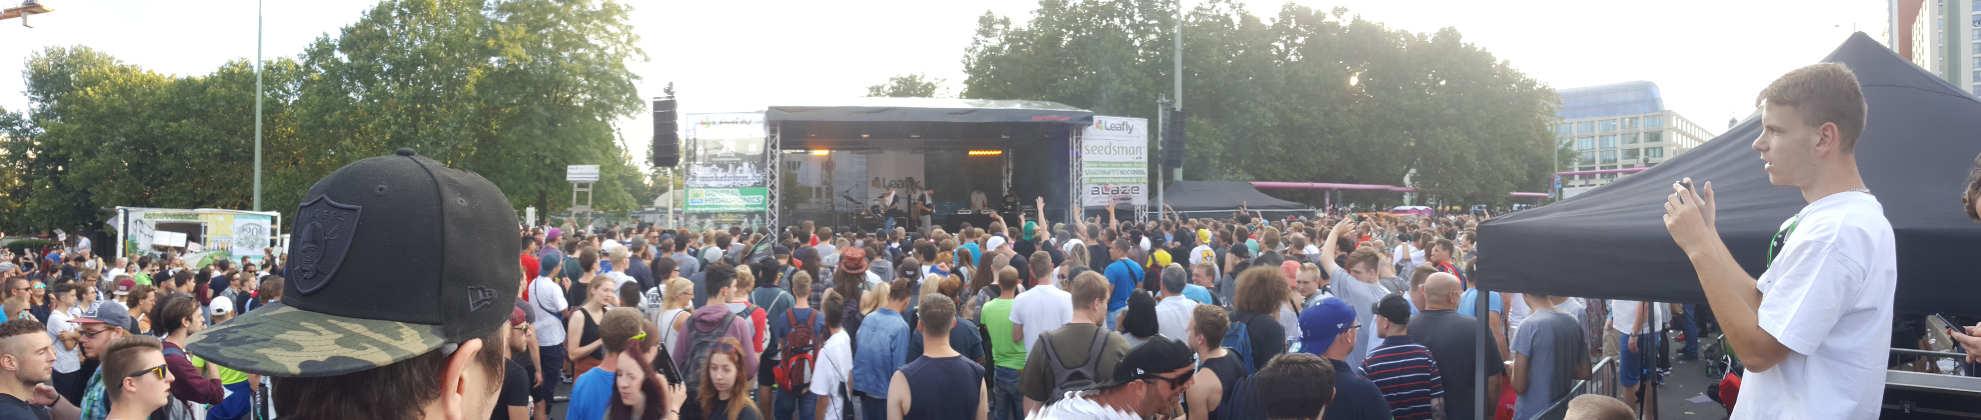 Bühne der Hanfparade mit Publikum im Jahre 2017